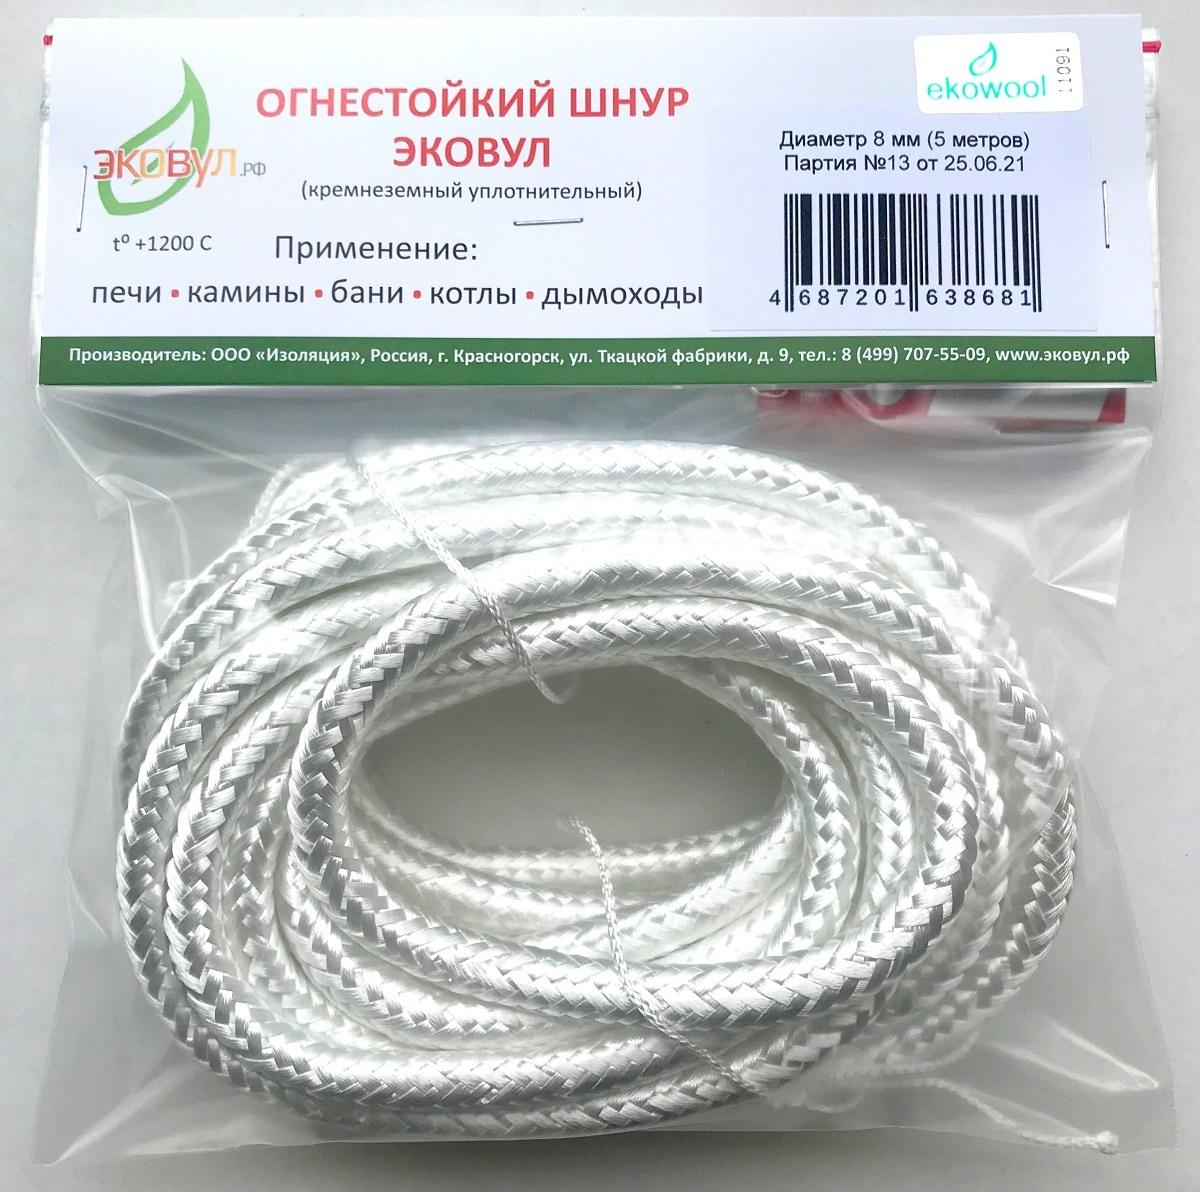 Уплотнительный кремнеземный шнур ШКН(Н)-1-8 (5 метров)